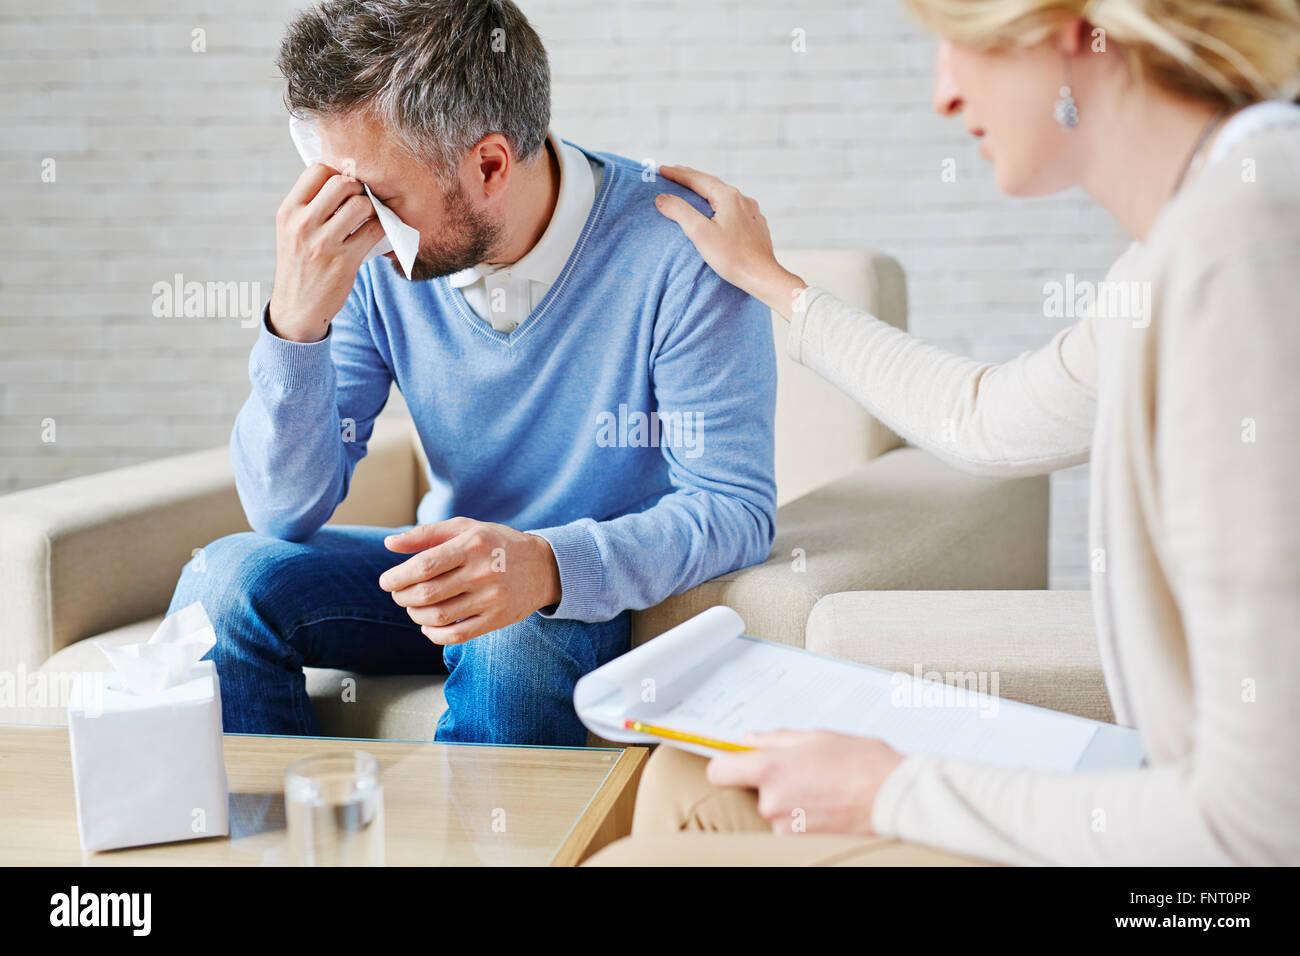 Premuto l uomo a piangere mentre visitano il suo psicologo Immagini Stock